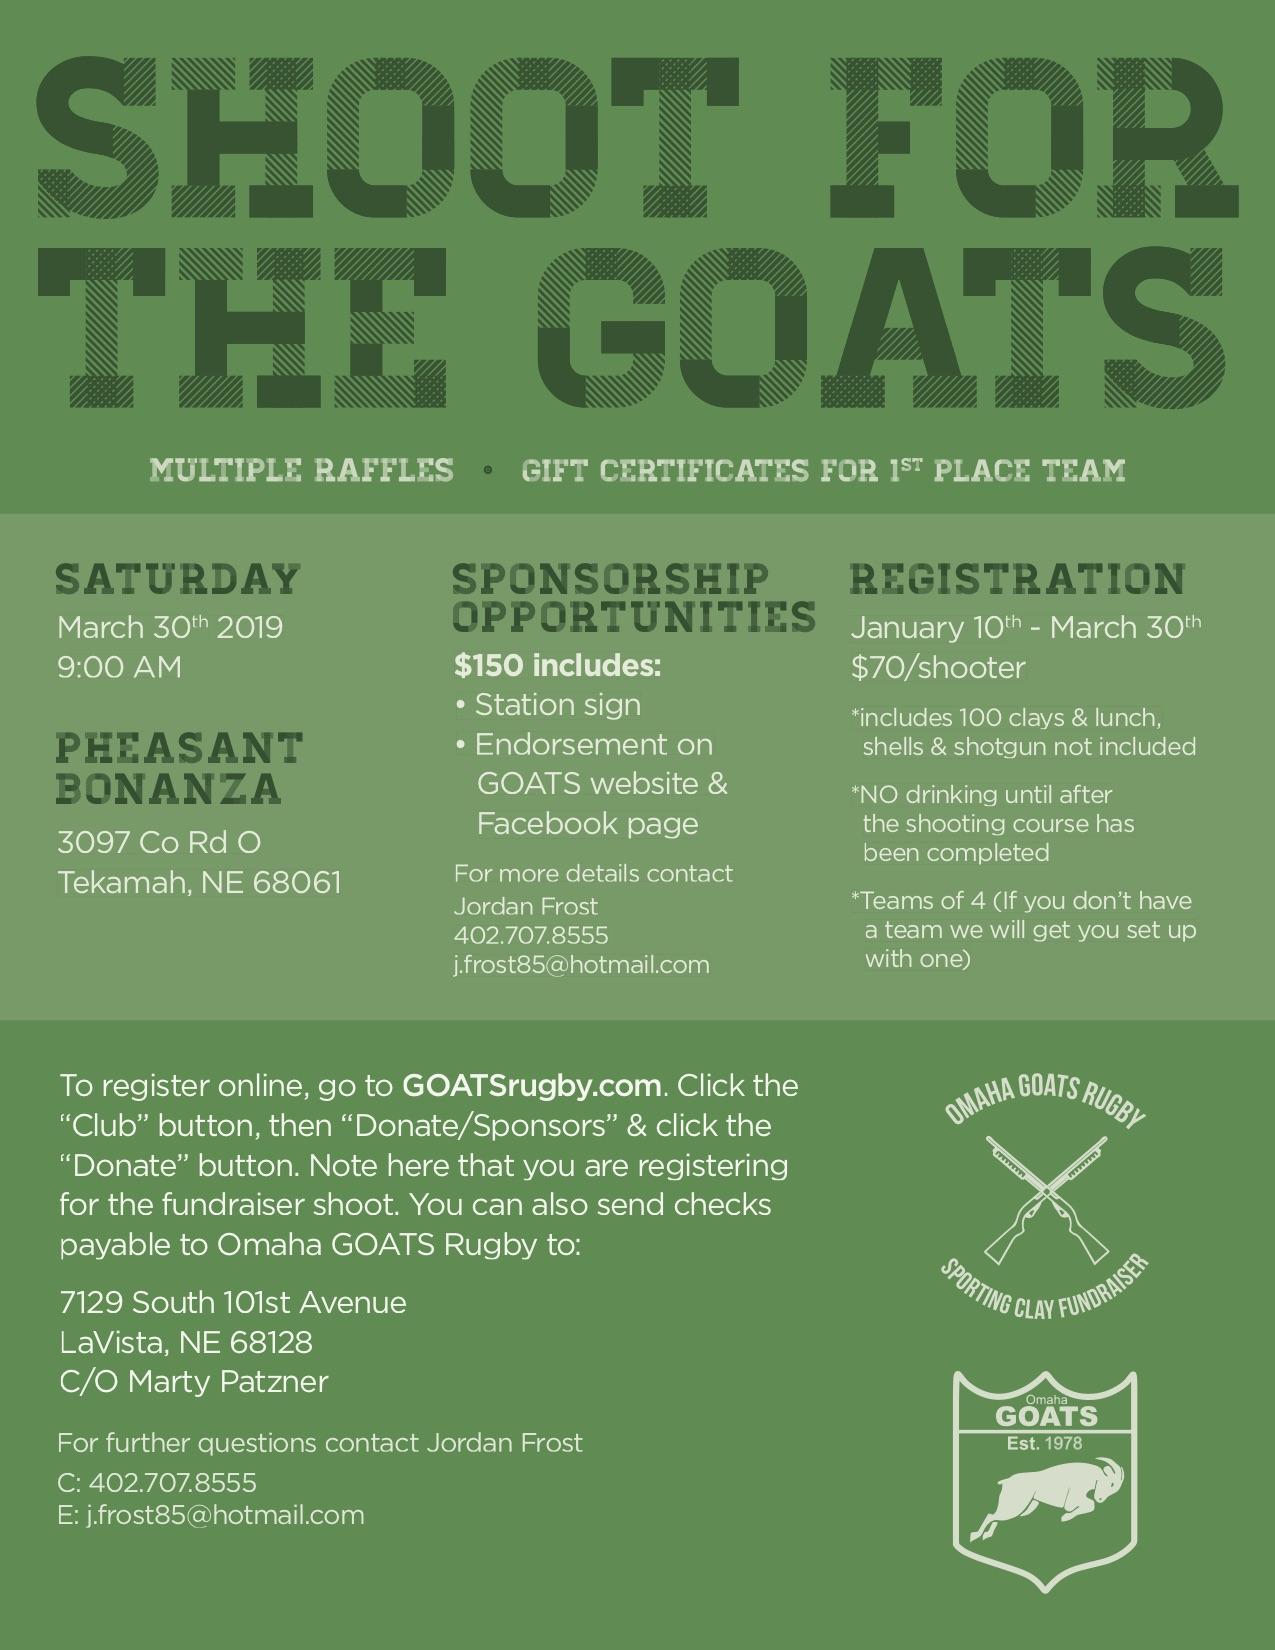 Goats_TrapShootFundraiser_Flyer_2019_V3.jpg